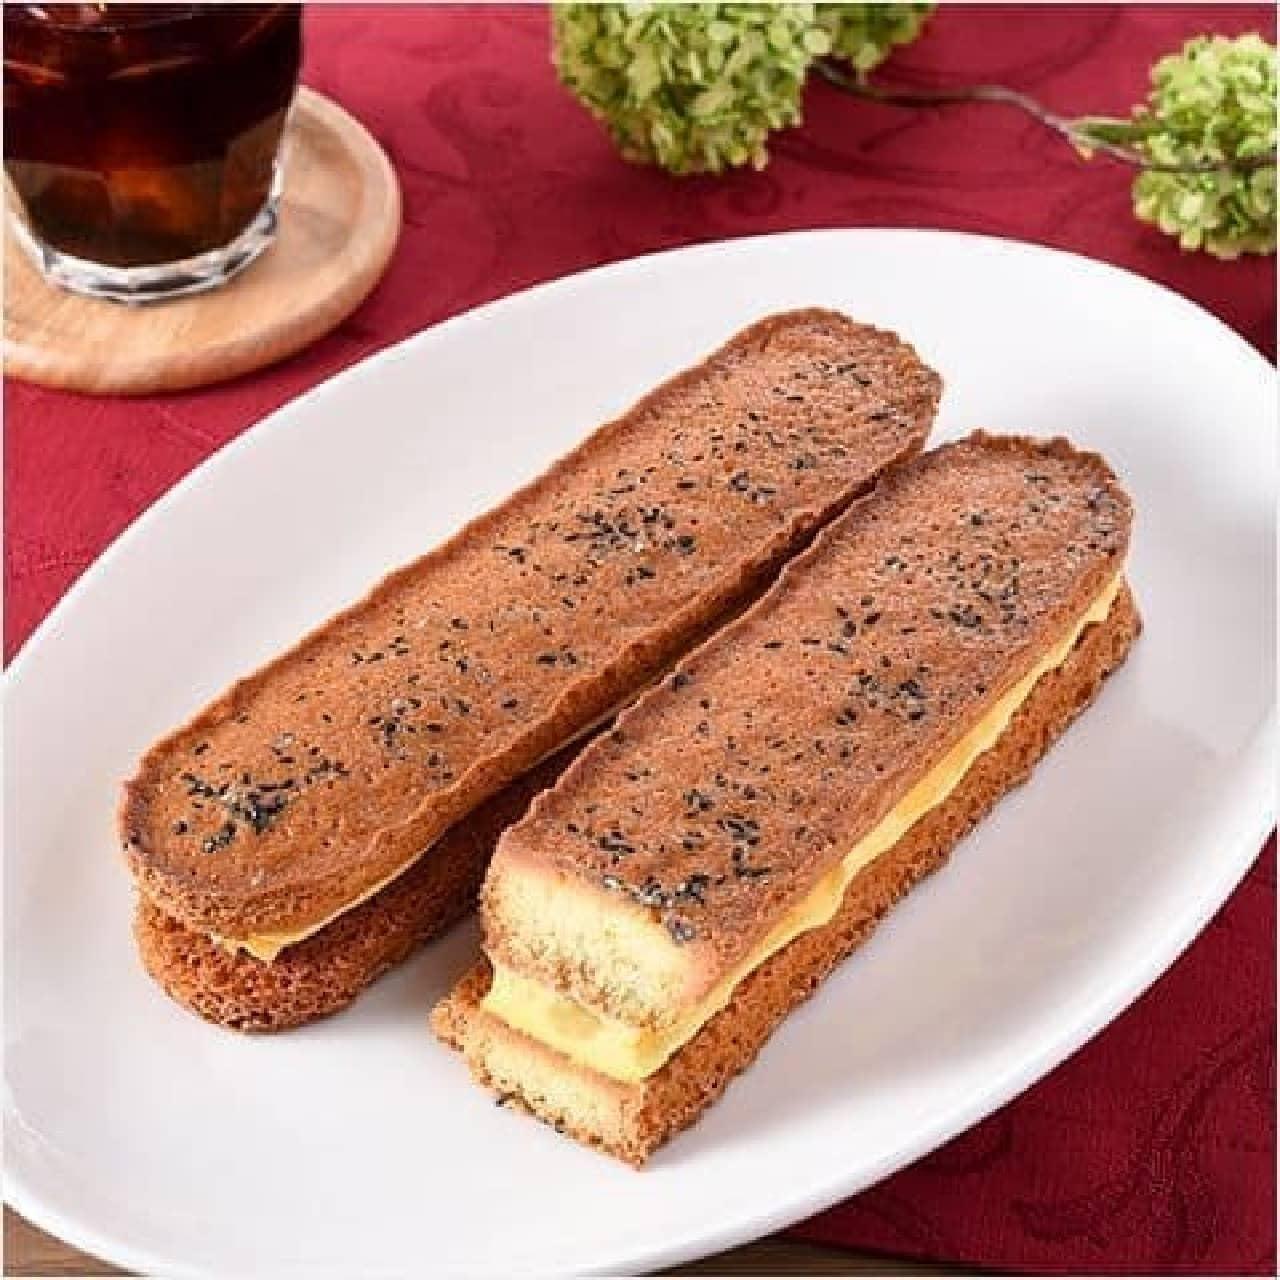 ファミリーマート「香ばしいクッキーのクリームサンド(安納芋)」